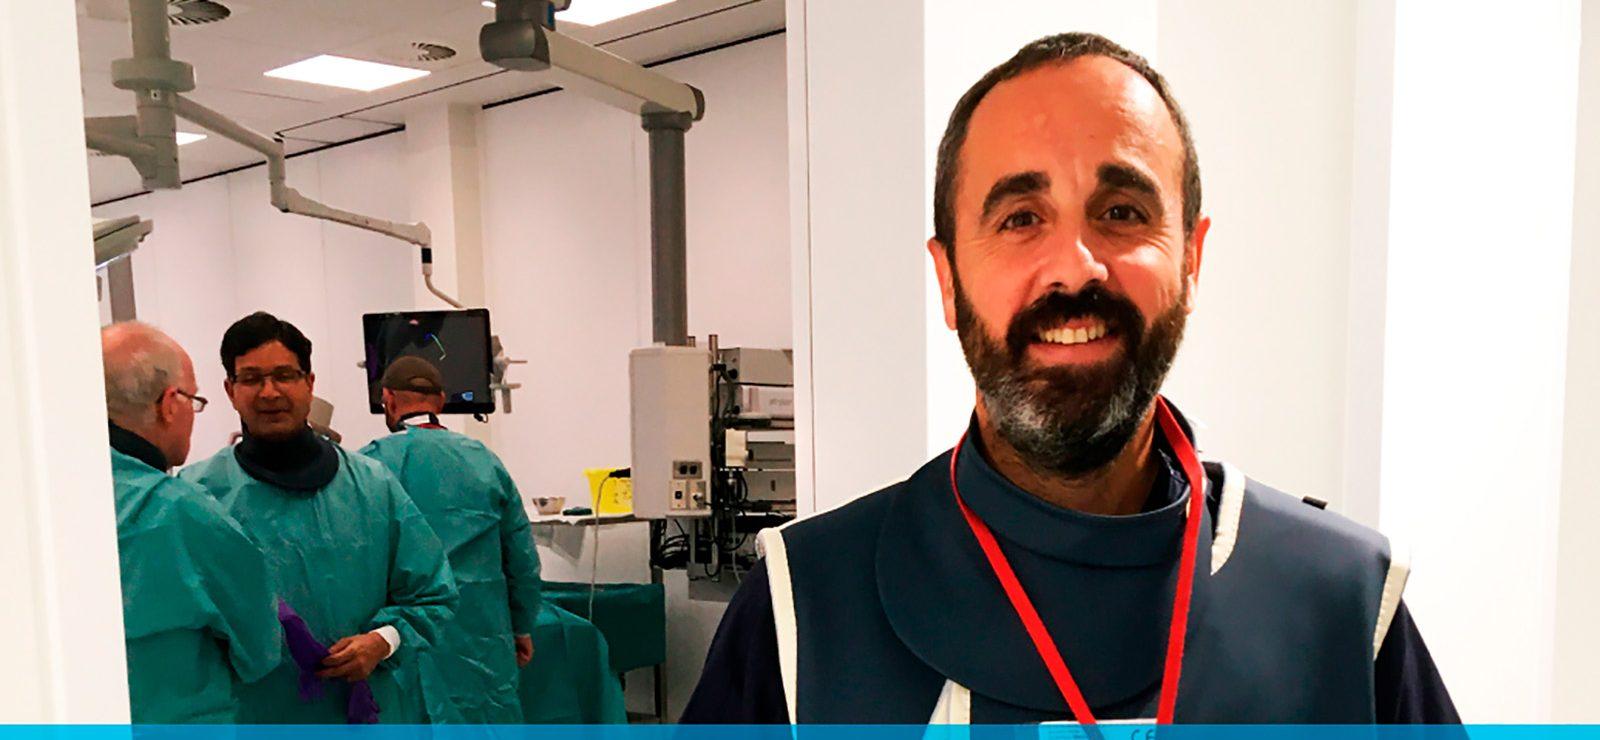 Aliviam comparte su conocimiento sobre el dolor lumbar en SIS Amsterdam